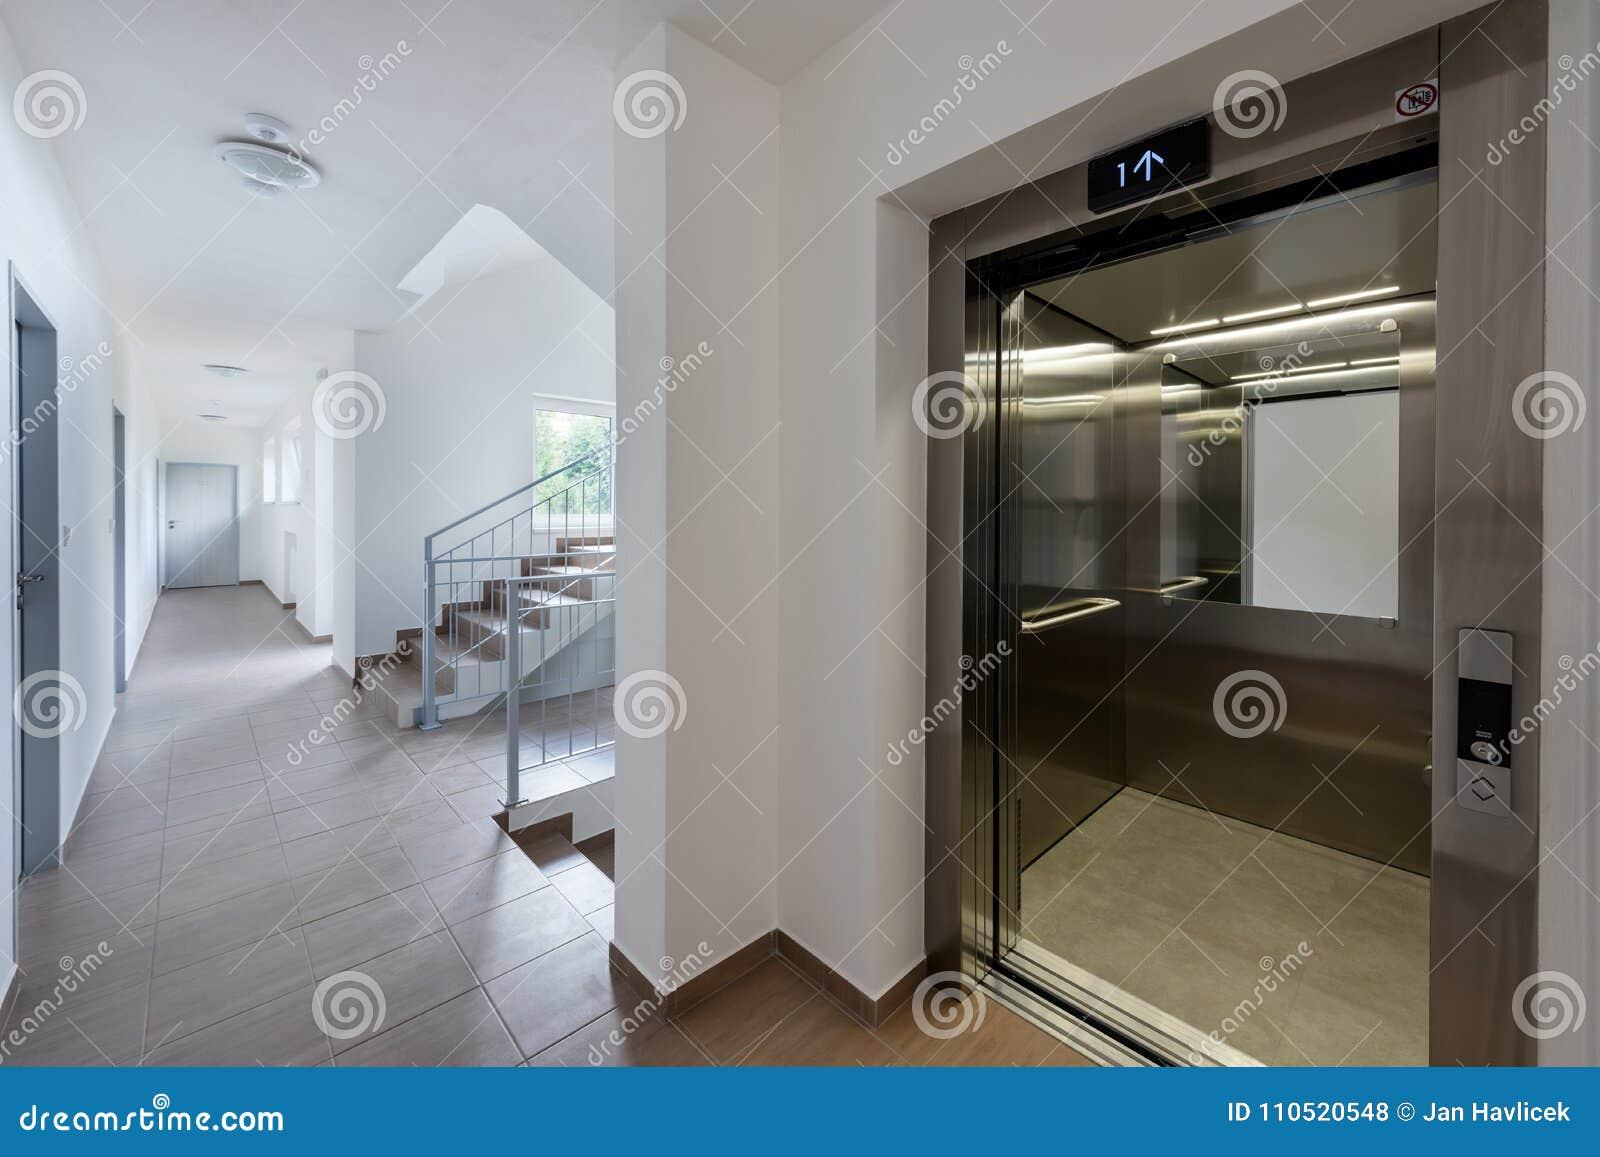 Escalier Moderne Dans Le Nouveau Bâtiment Photo stock ...